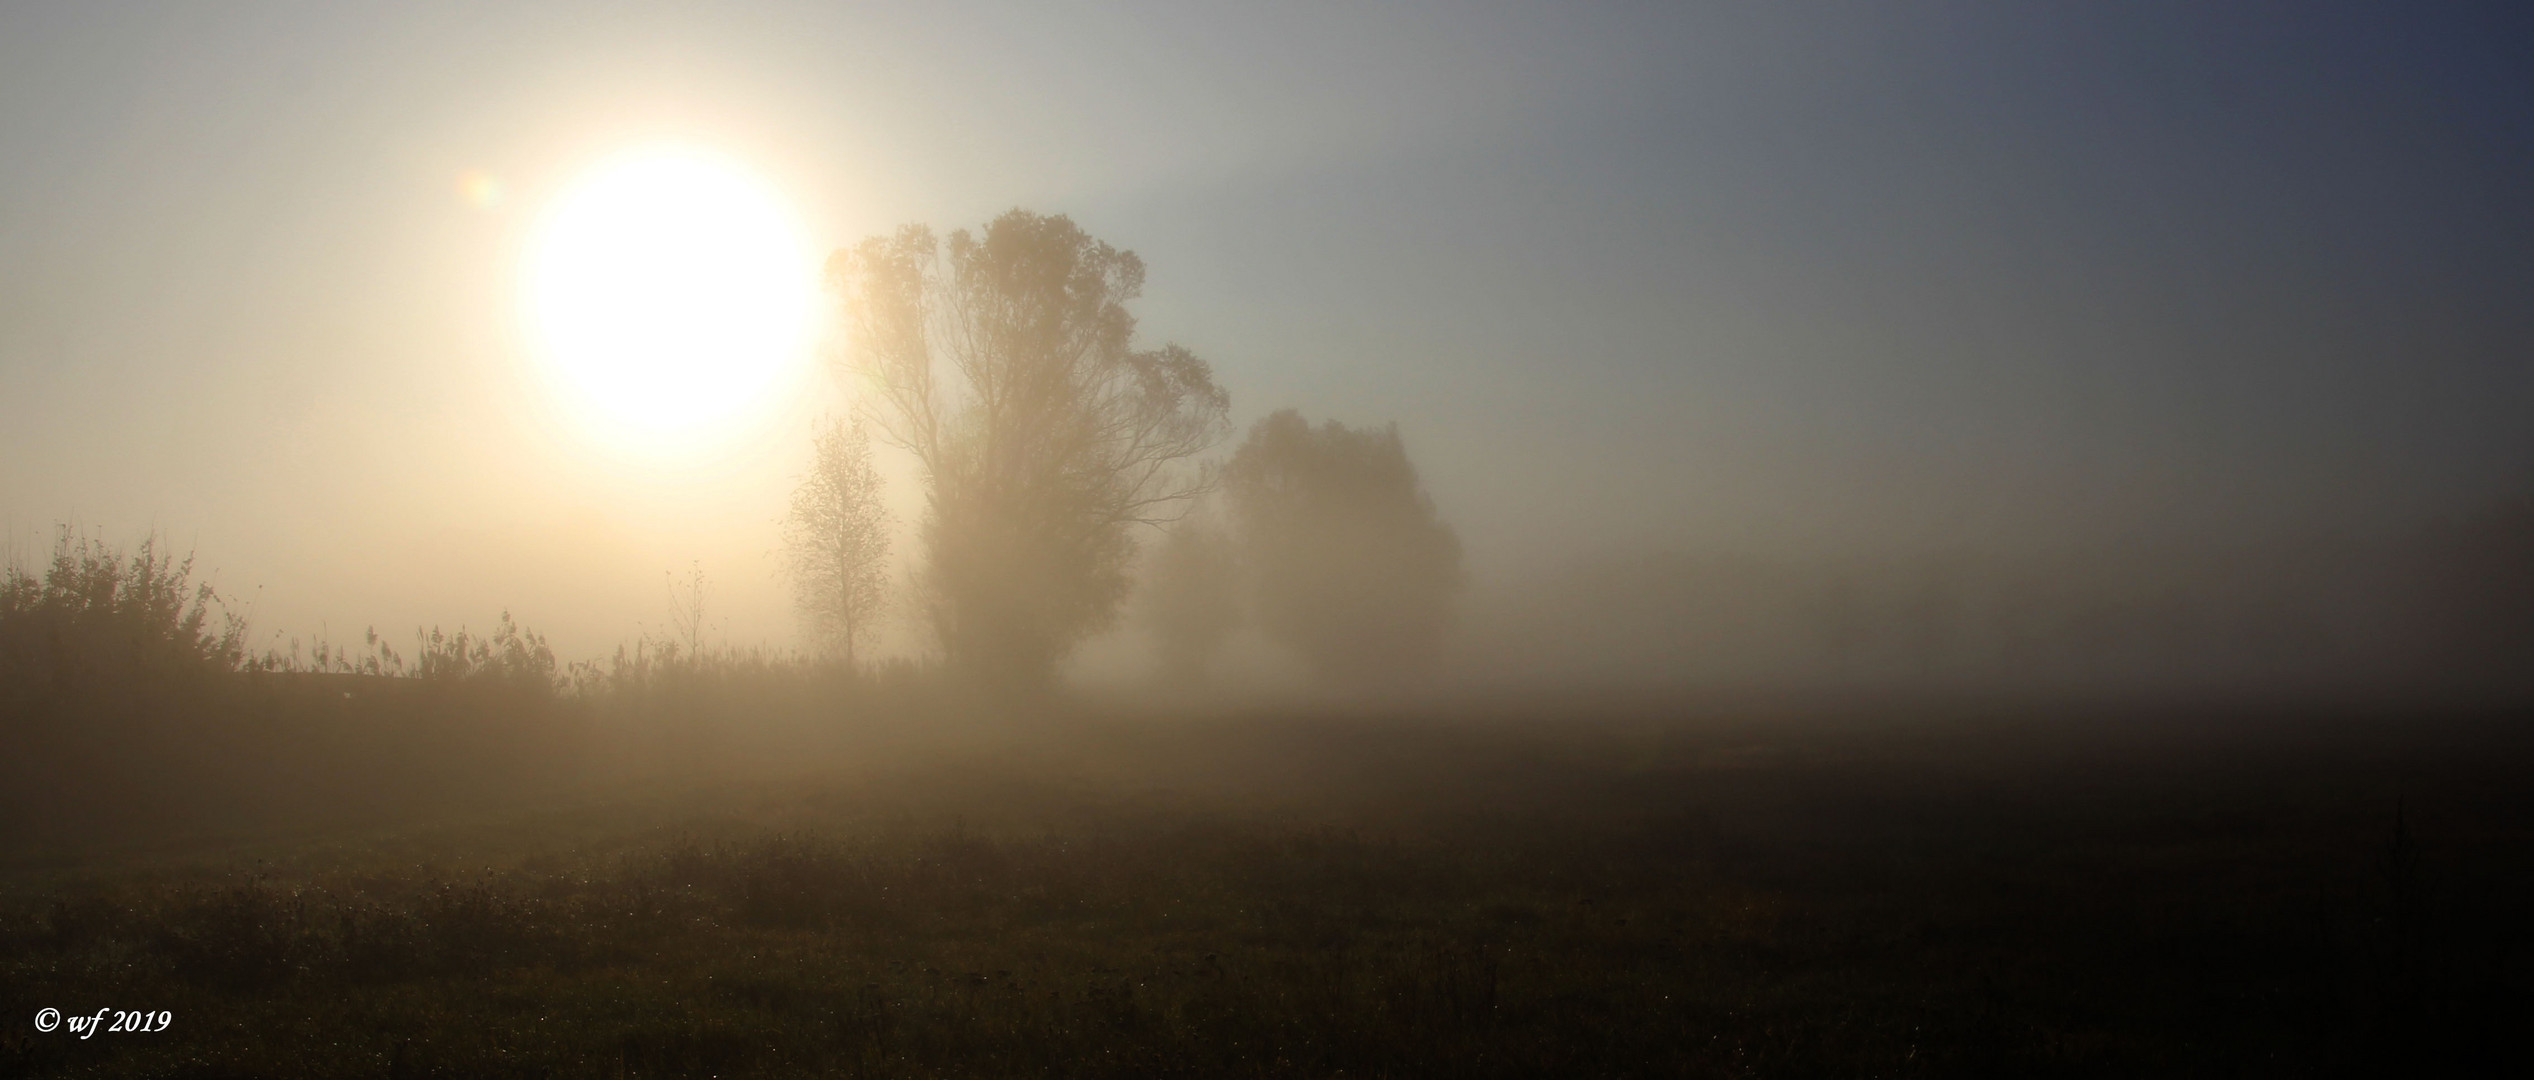 Am Morgen (2)